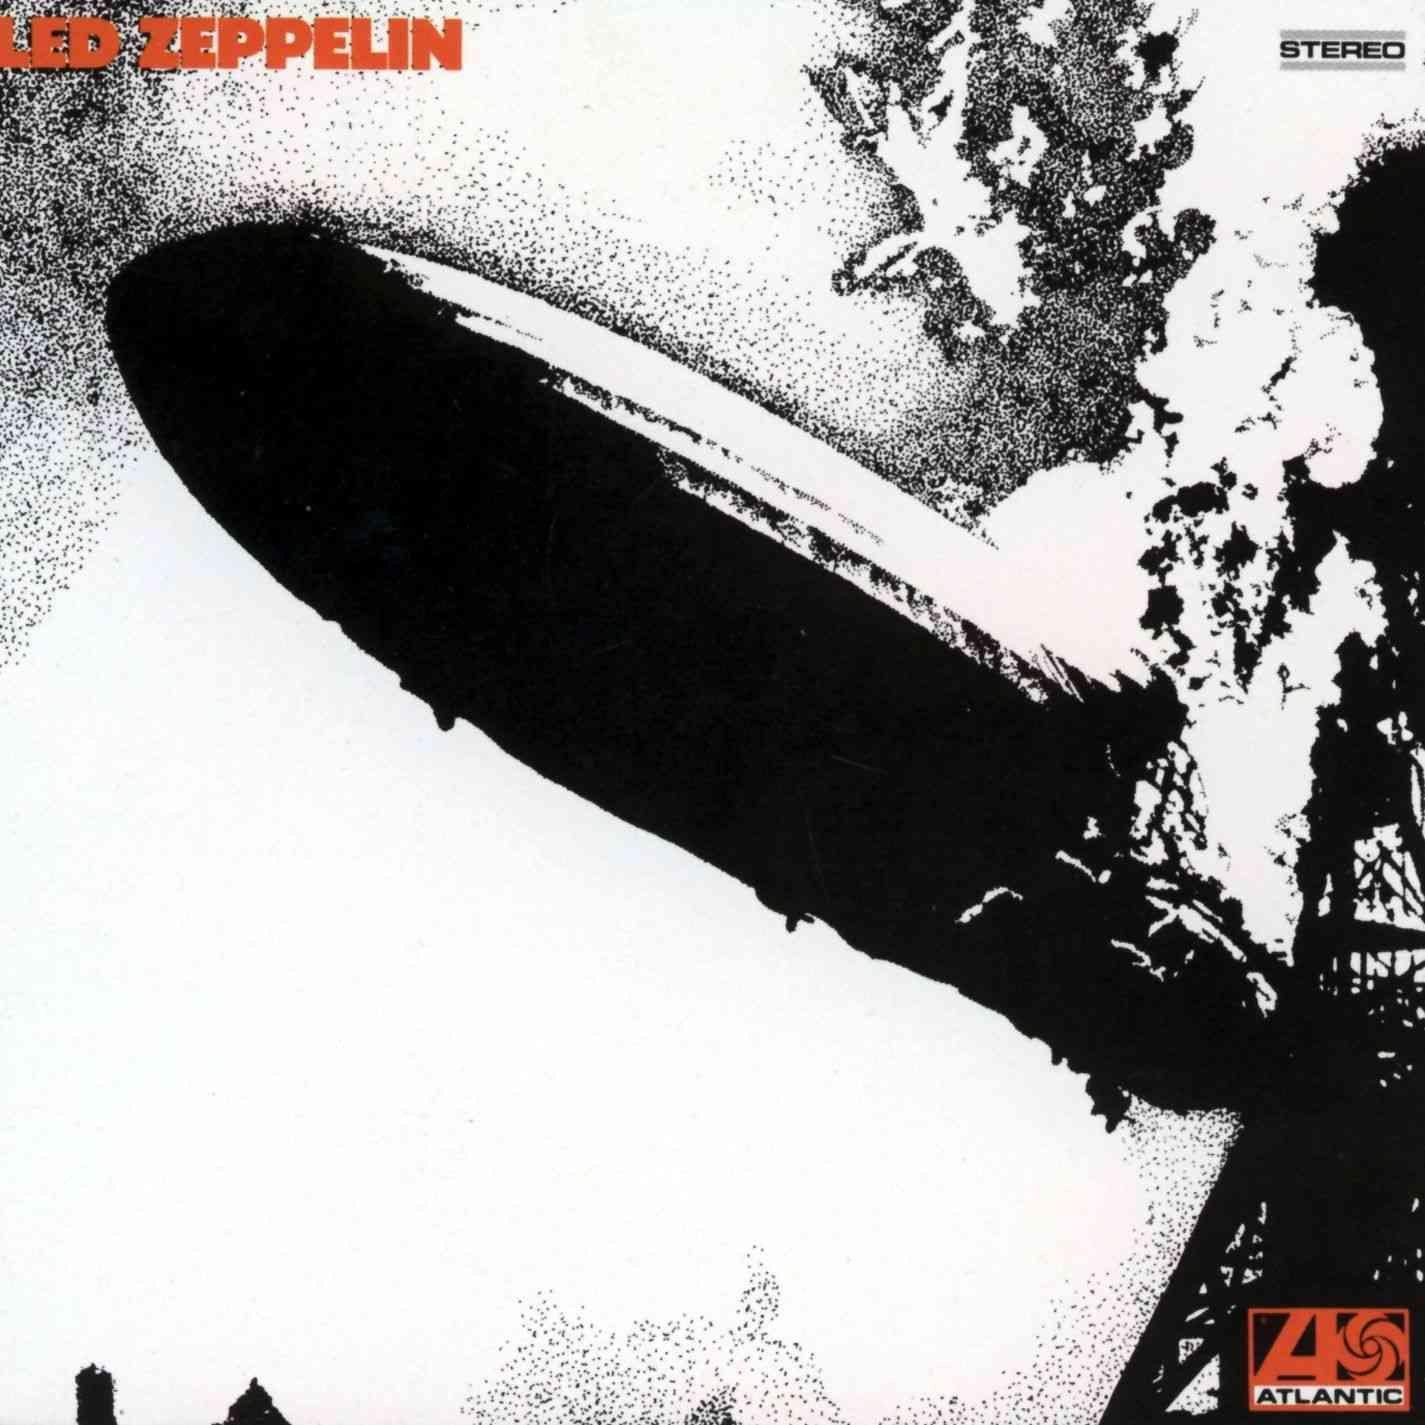 Led Zeppelin Led Zeppelin I LP RE 180 Gram Audiophile